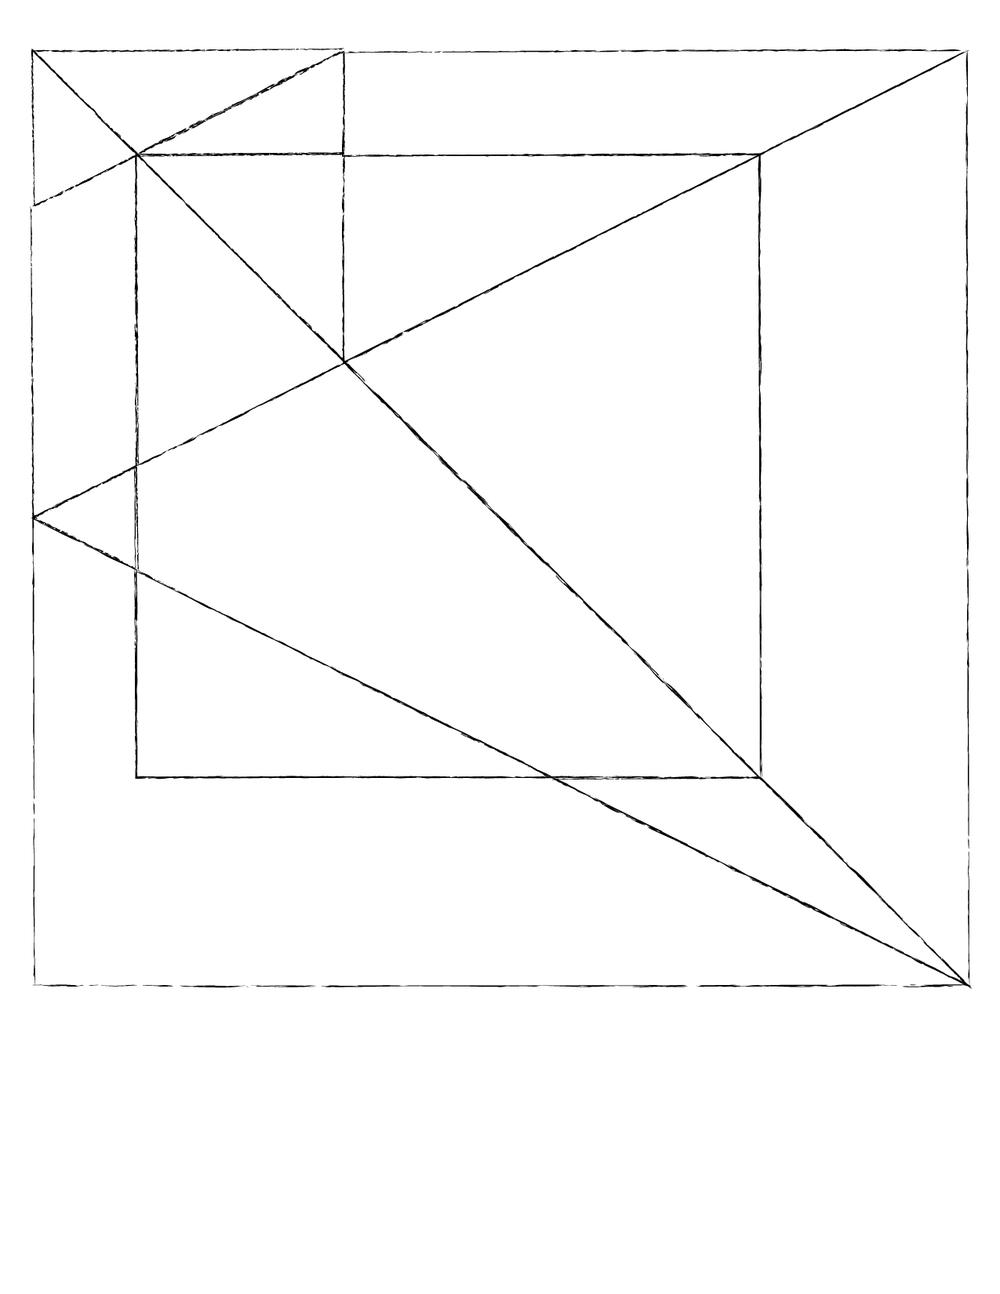 FormulaKills_9x9-25.jpg